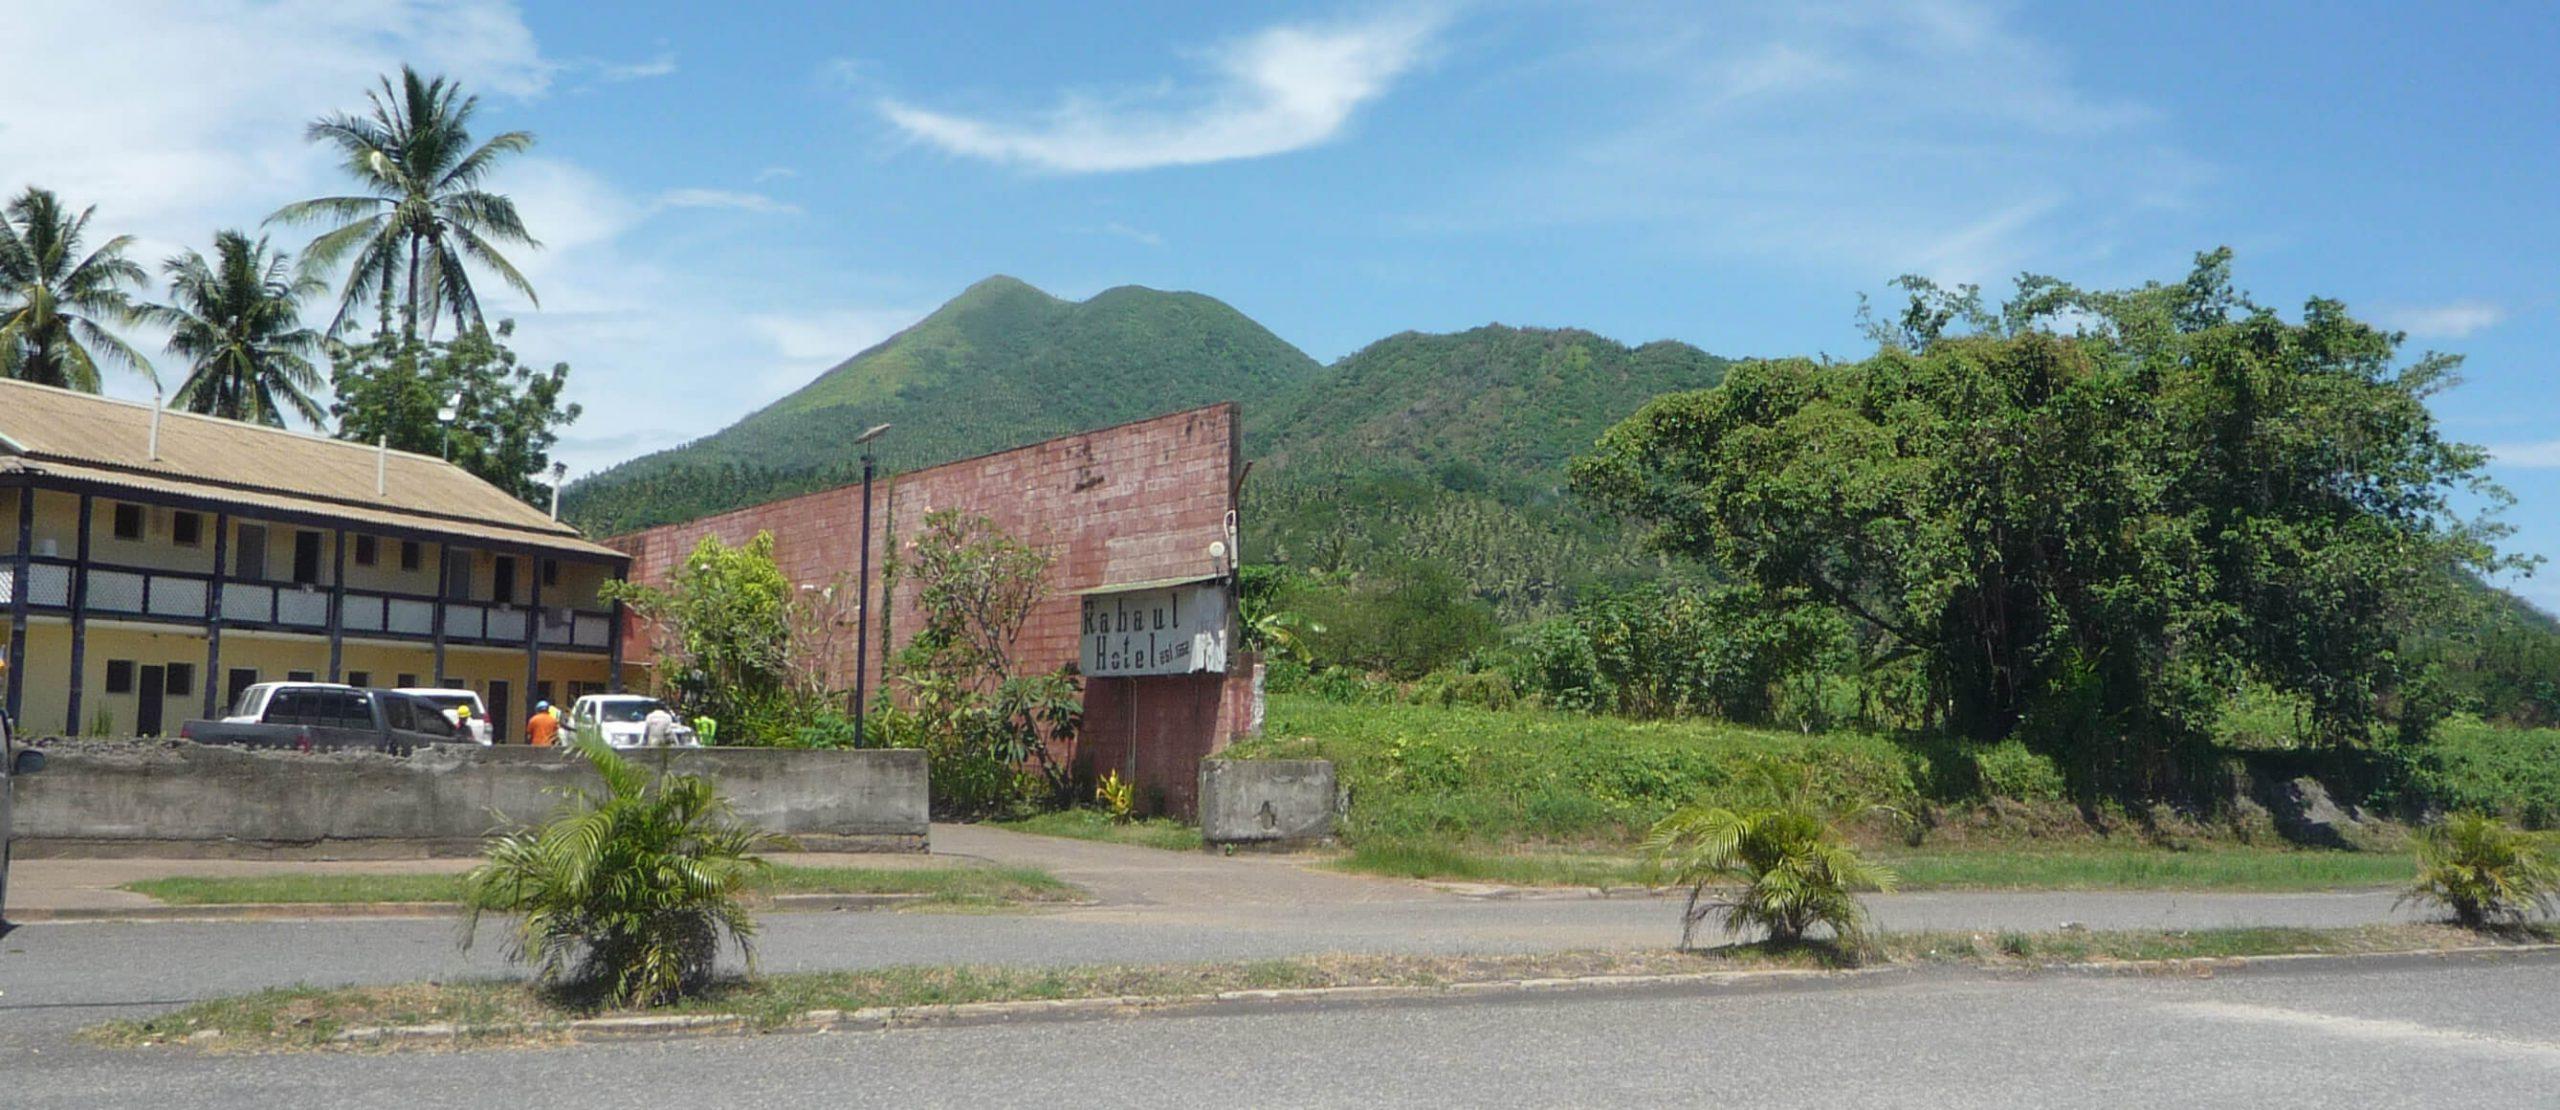 Hotel in Rabaul